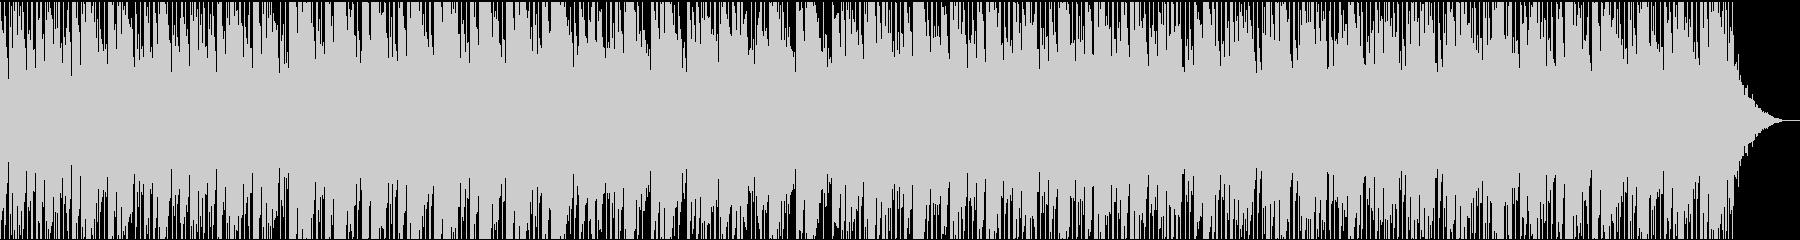 可憐なピアノの和風曲の未再生の波形